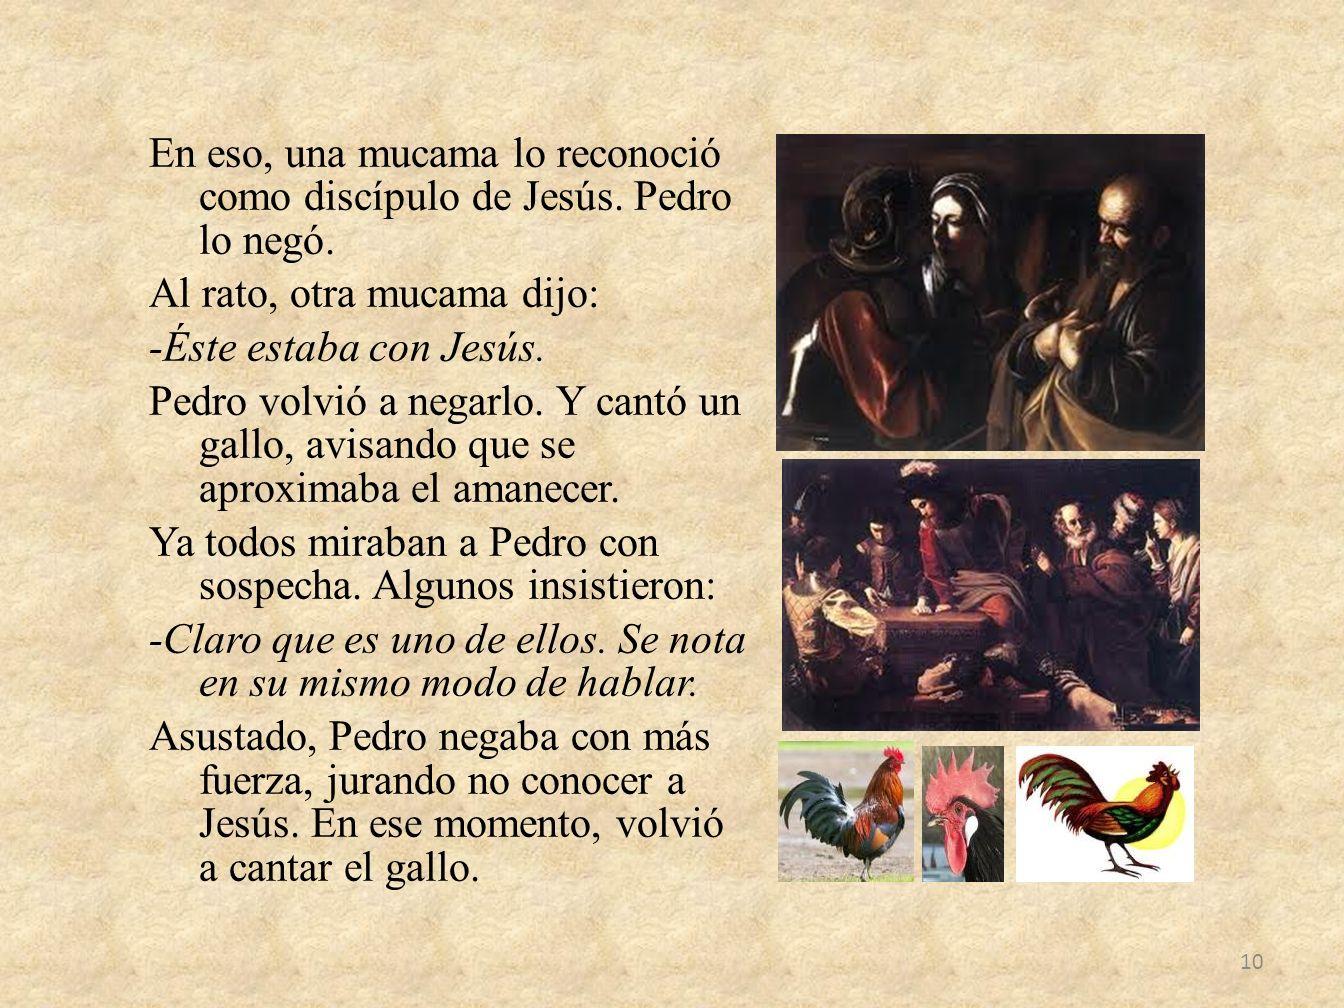 En eso, una mucama lo reconoció como discípulo de Jesús. Pedro lo negó. Al rato, otra mucama dijo: -Éste estaba con Jesús. Pedro volvió a negarlo. Y c